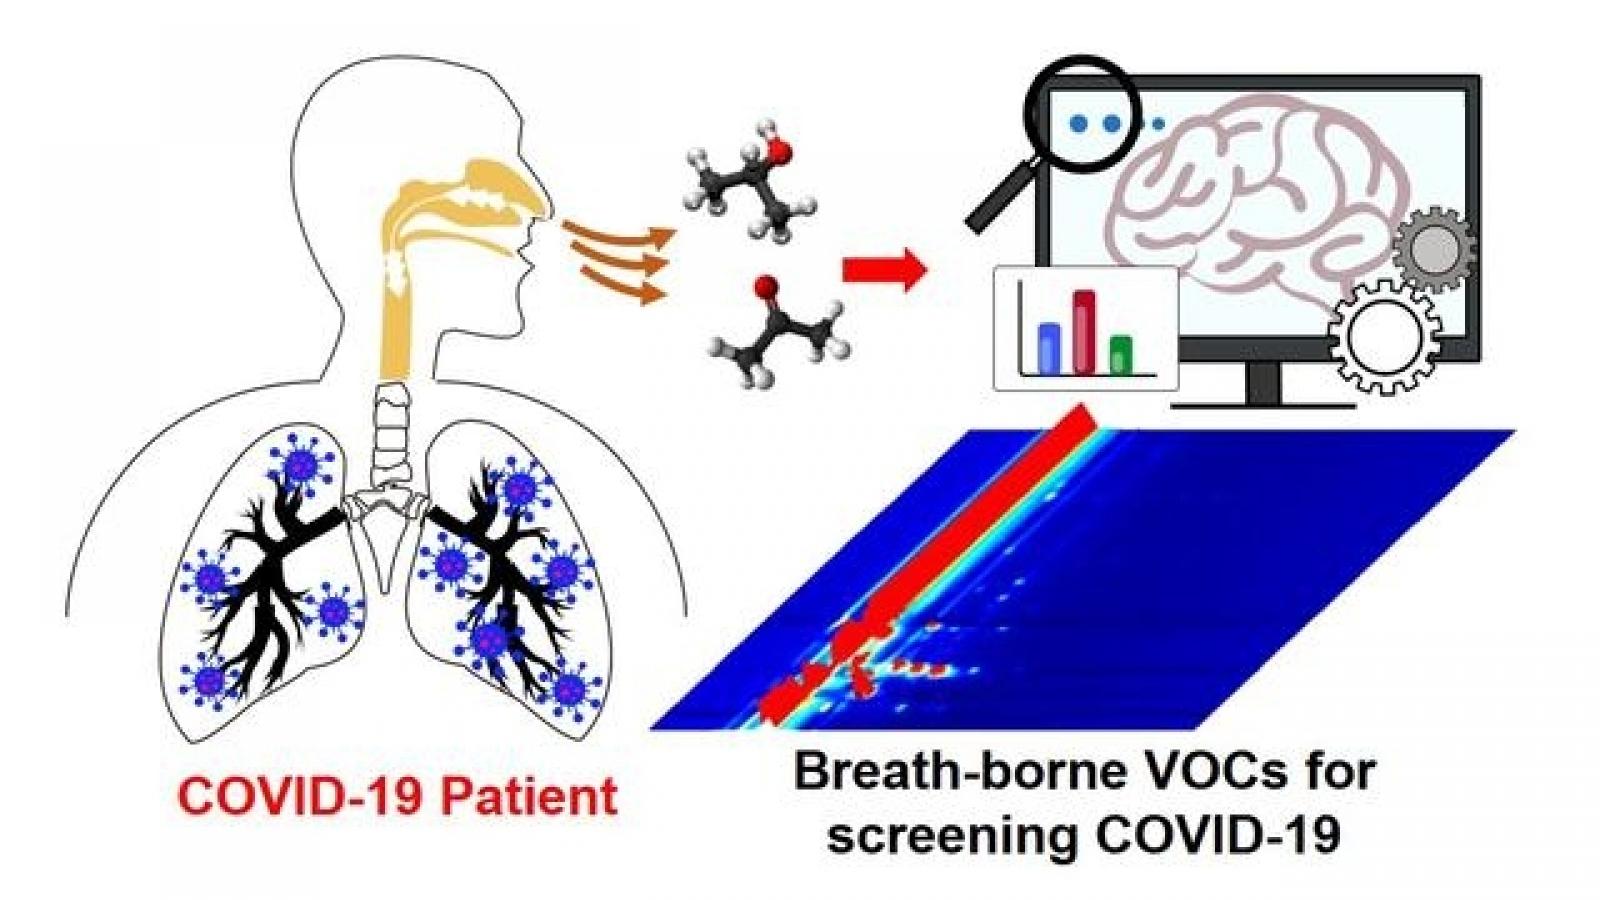 Trung Quốc: Xét nghiệm Covid-19 qua hơi thở cho kết quả sau 10 phút